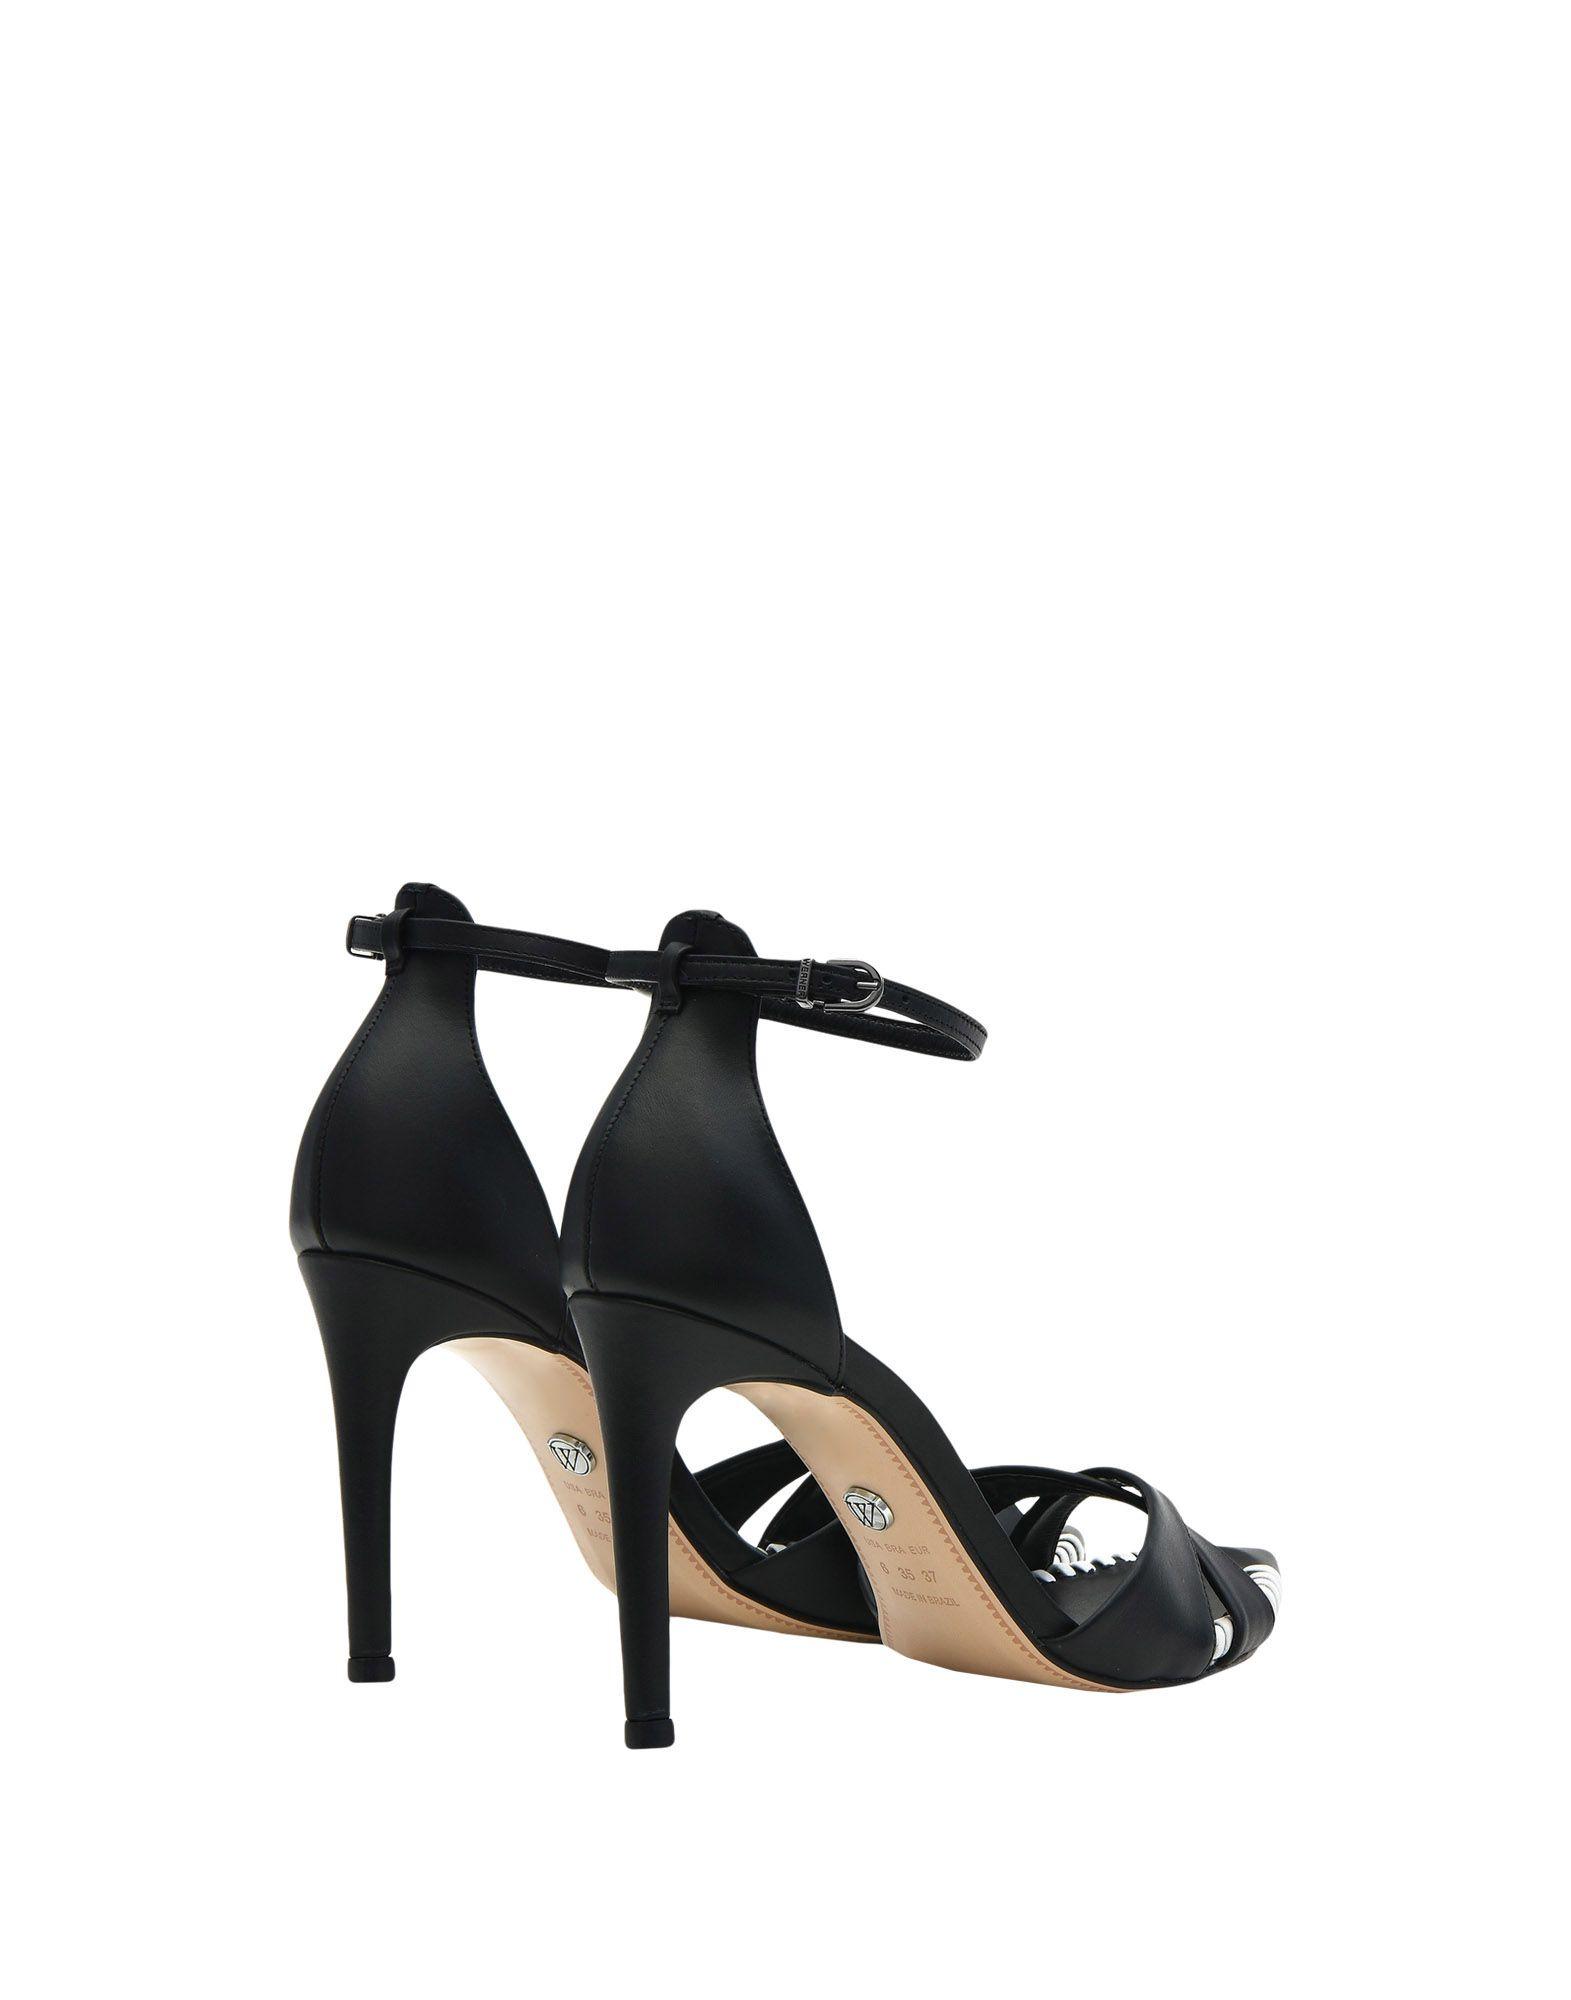 Werner Sandalen Damen  11469844QW Gute Qualität beliebte Schuhe